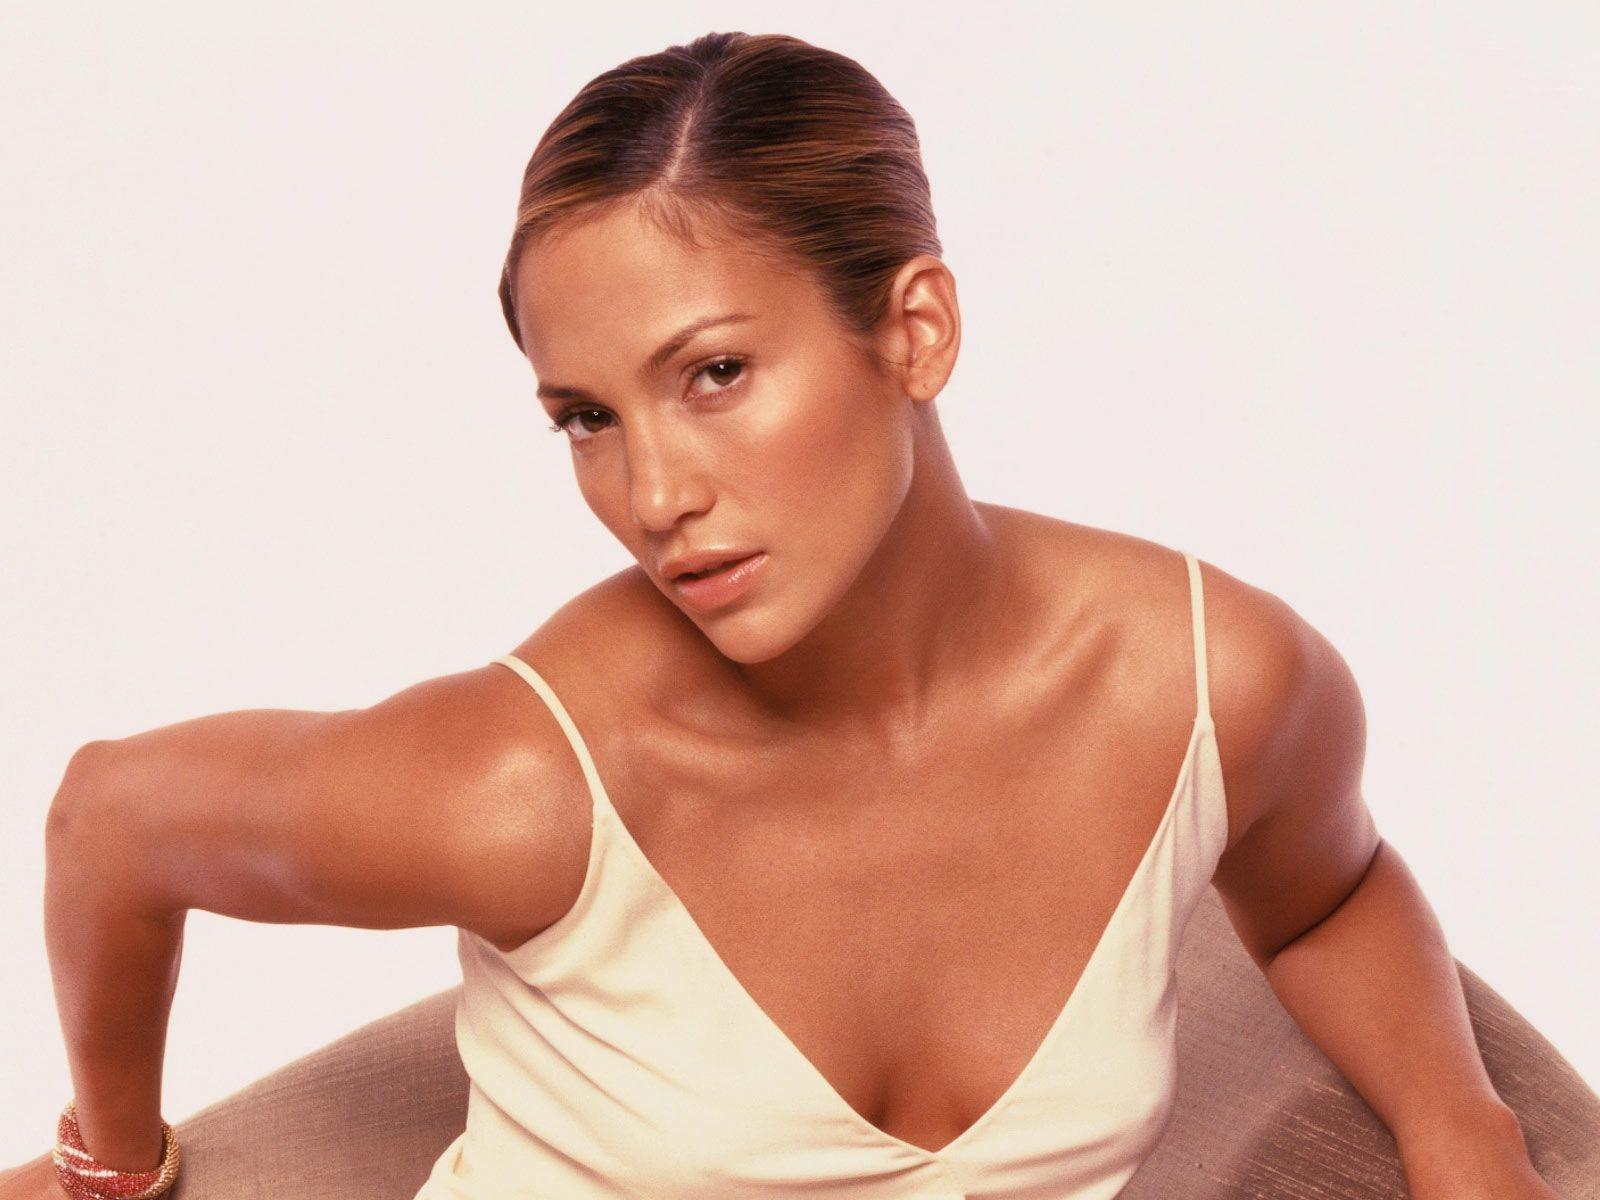 Wallpaper di Jennifer Lopez in abito bianco